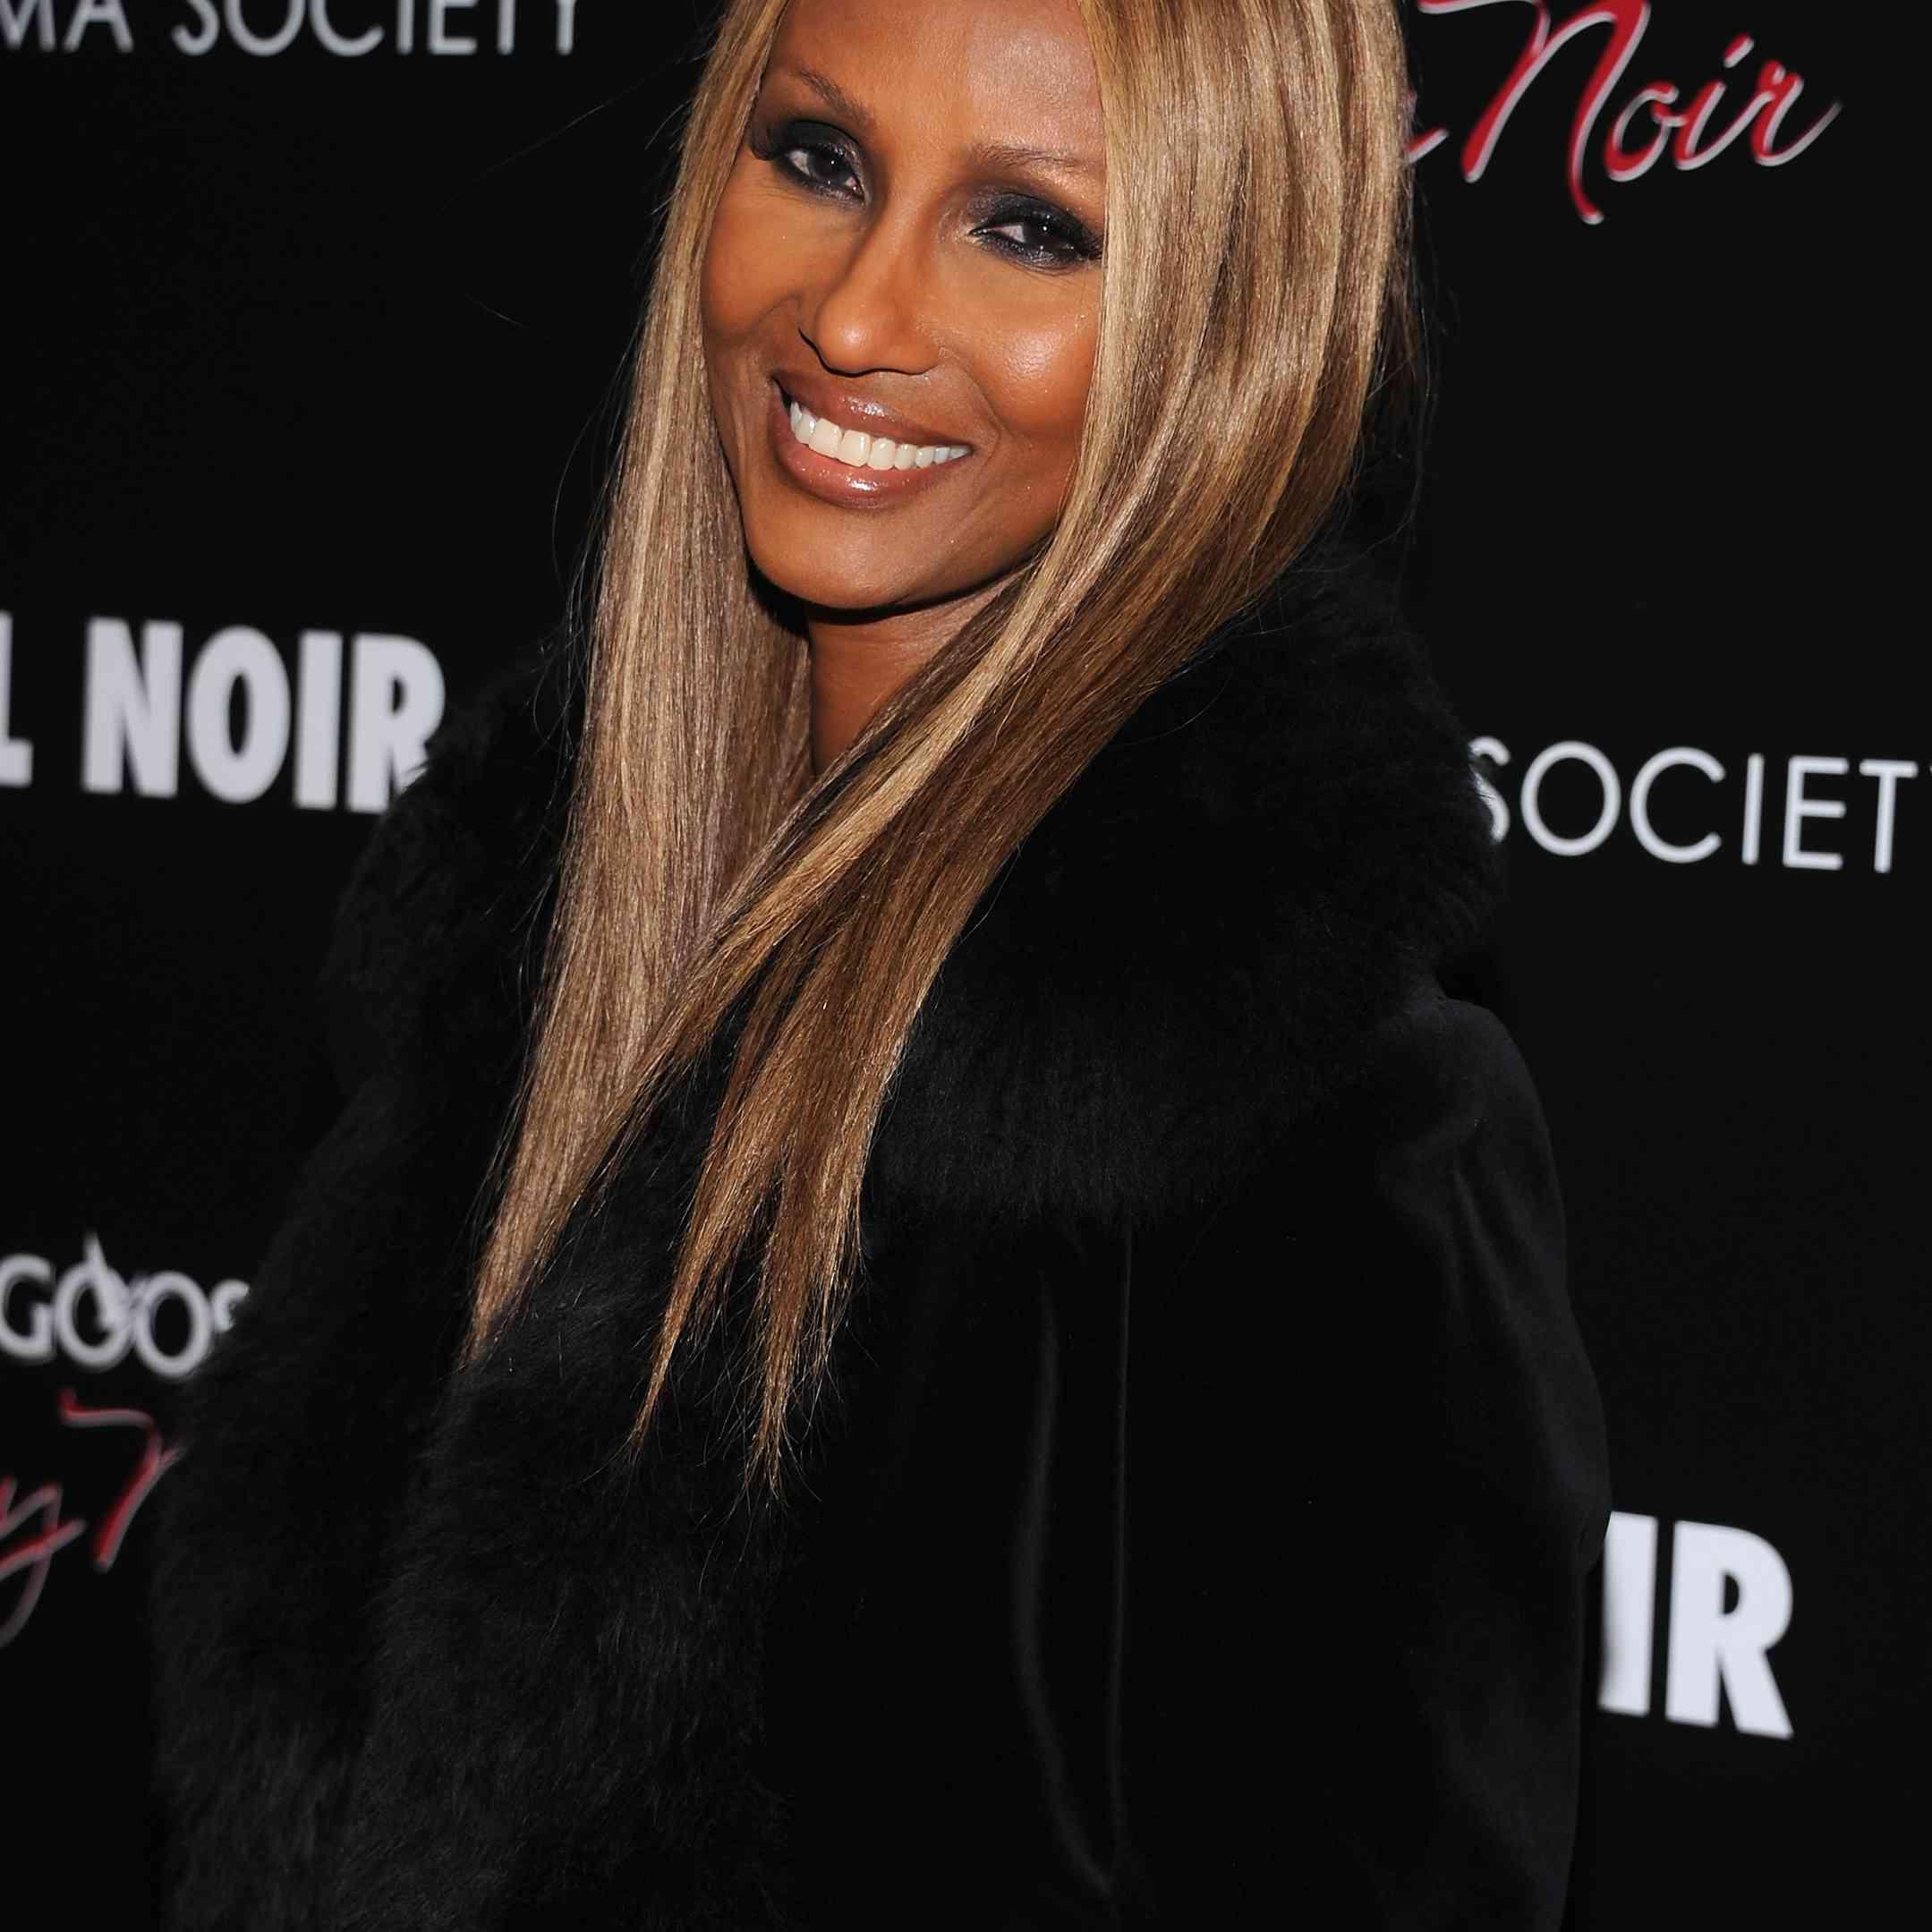 Iman long, sleek blonde hair